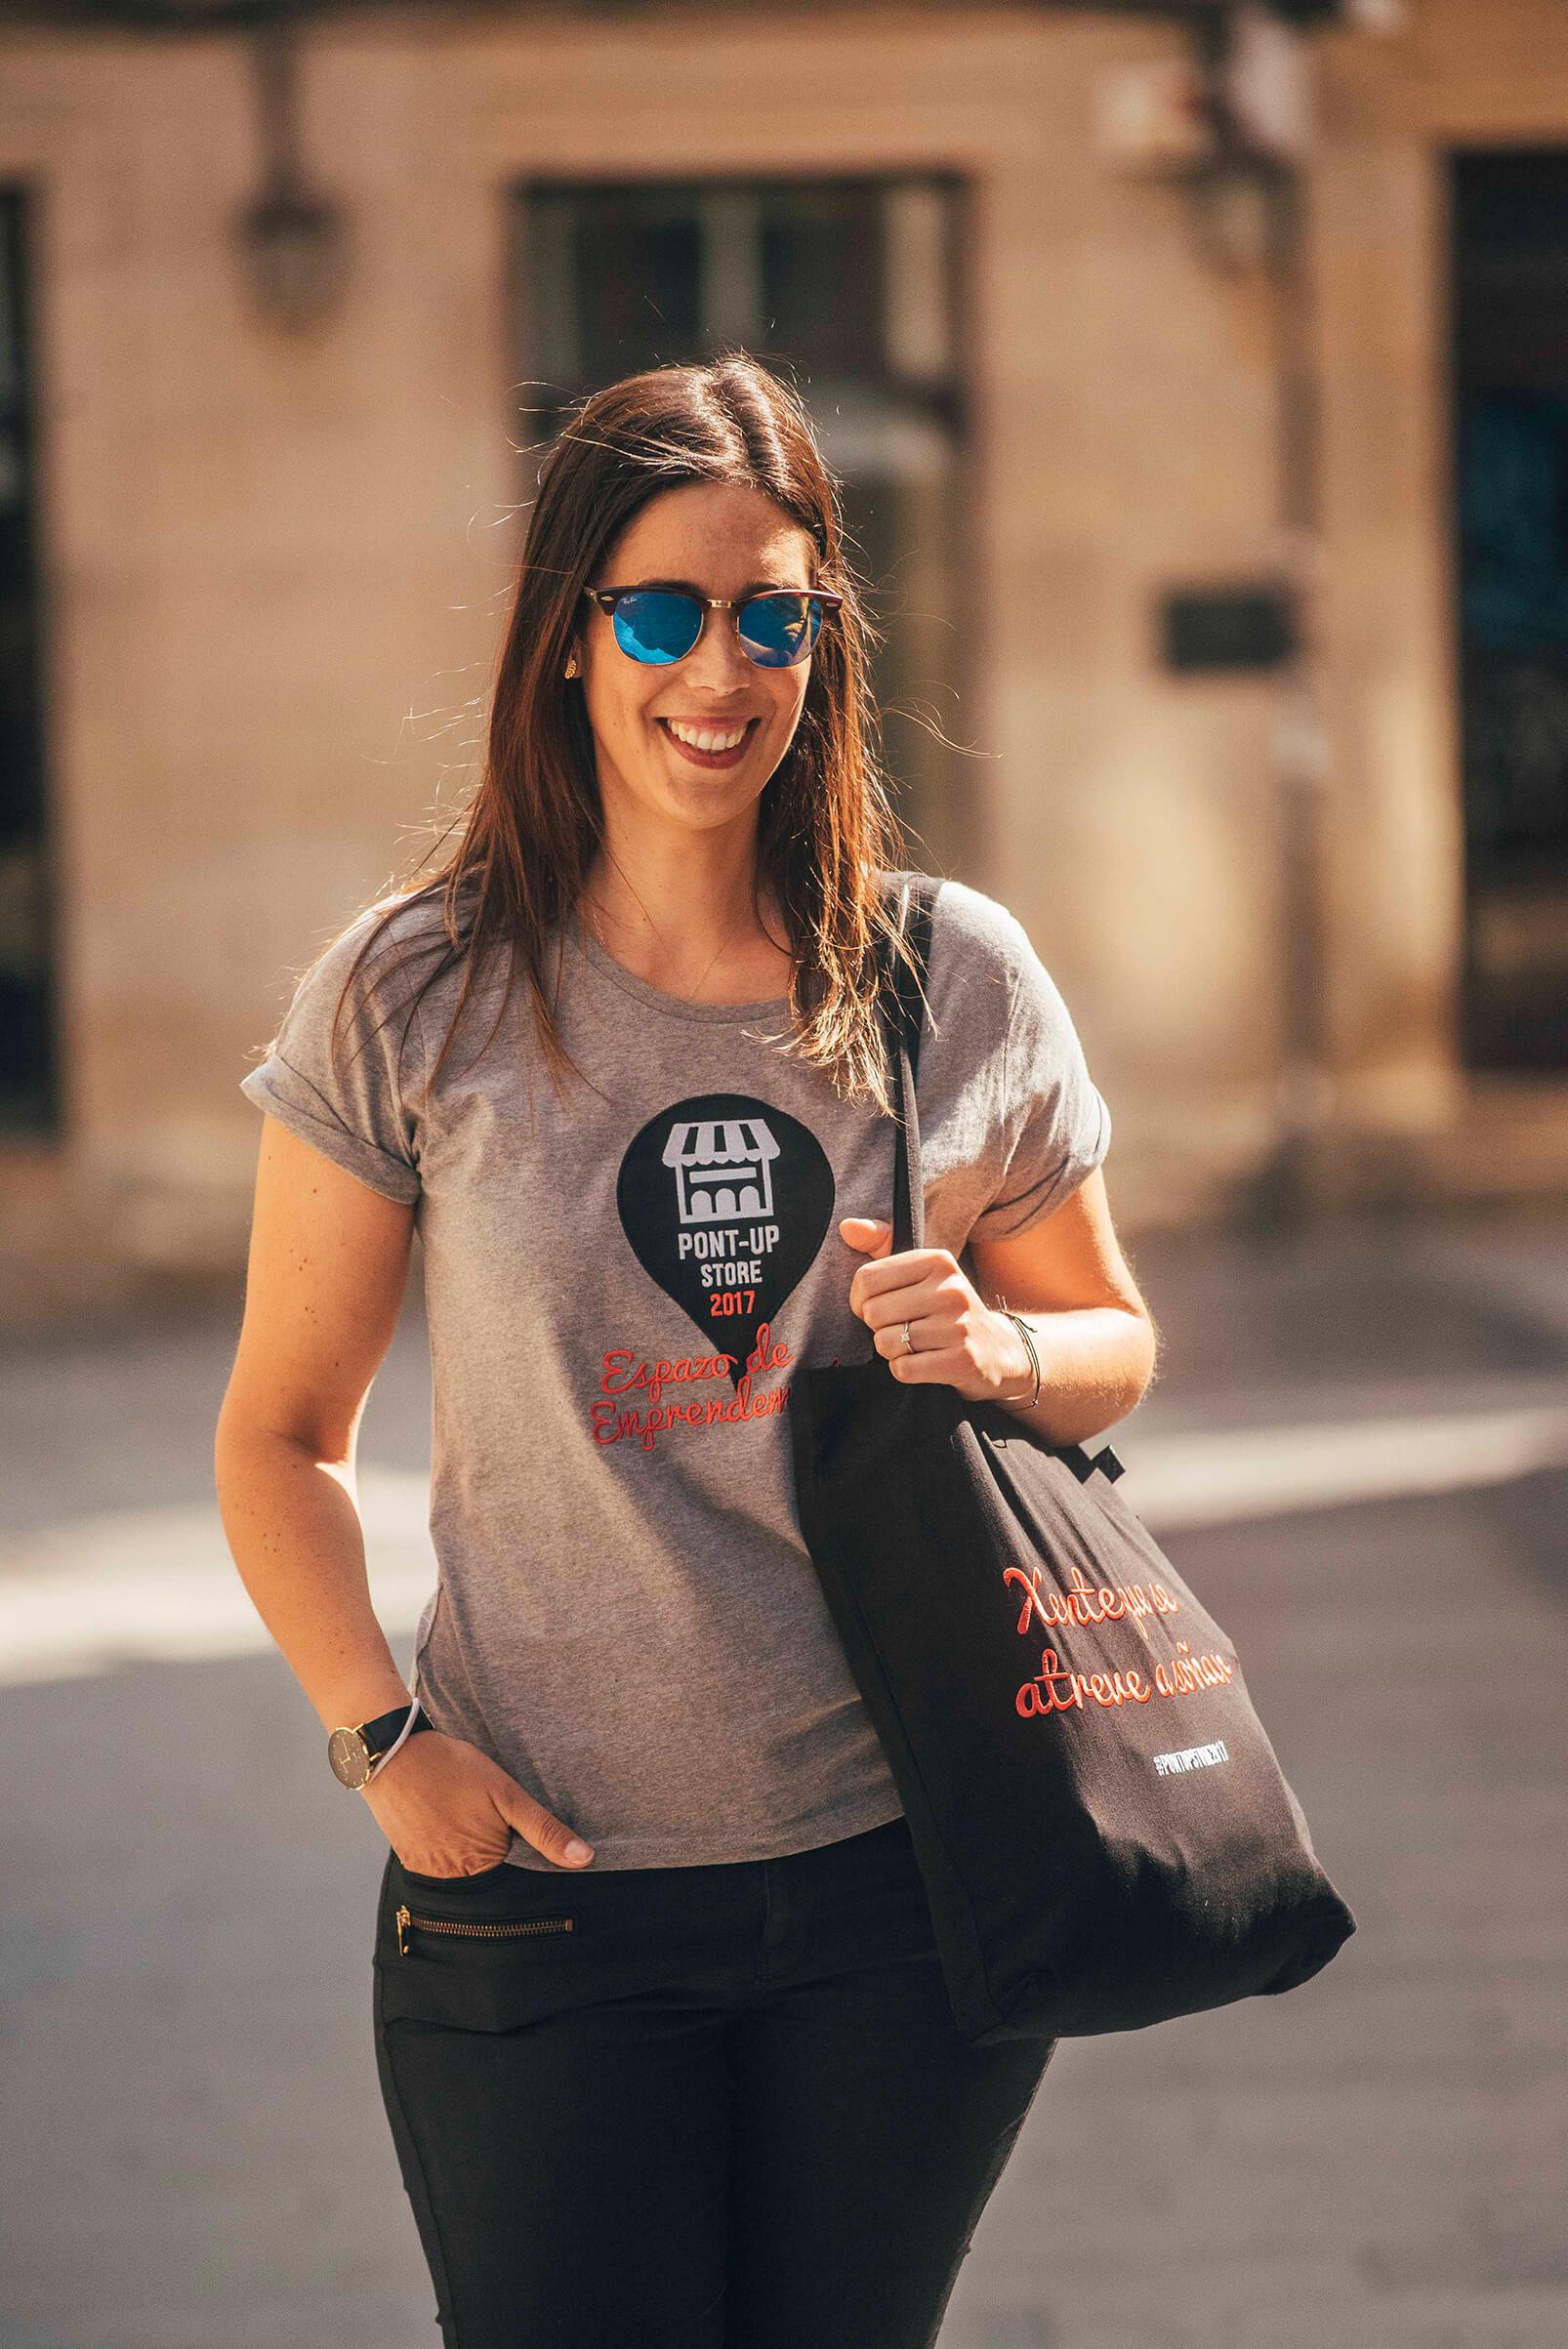 Camiseta y bolsa personalizadas para Pont-Up Sotre